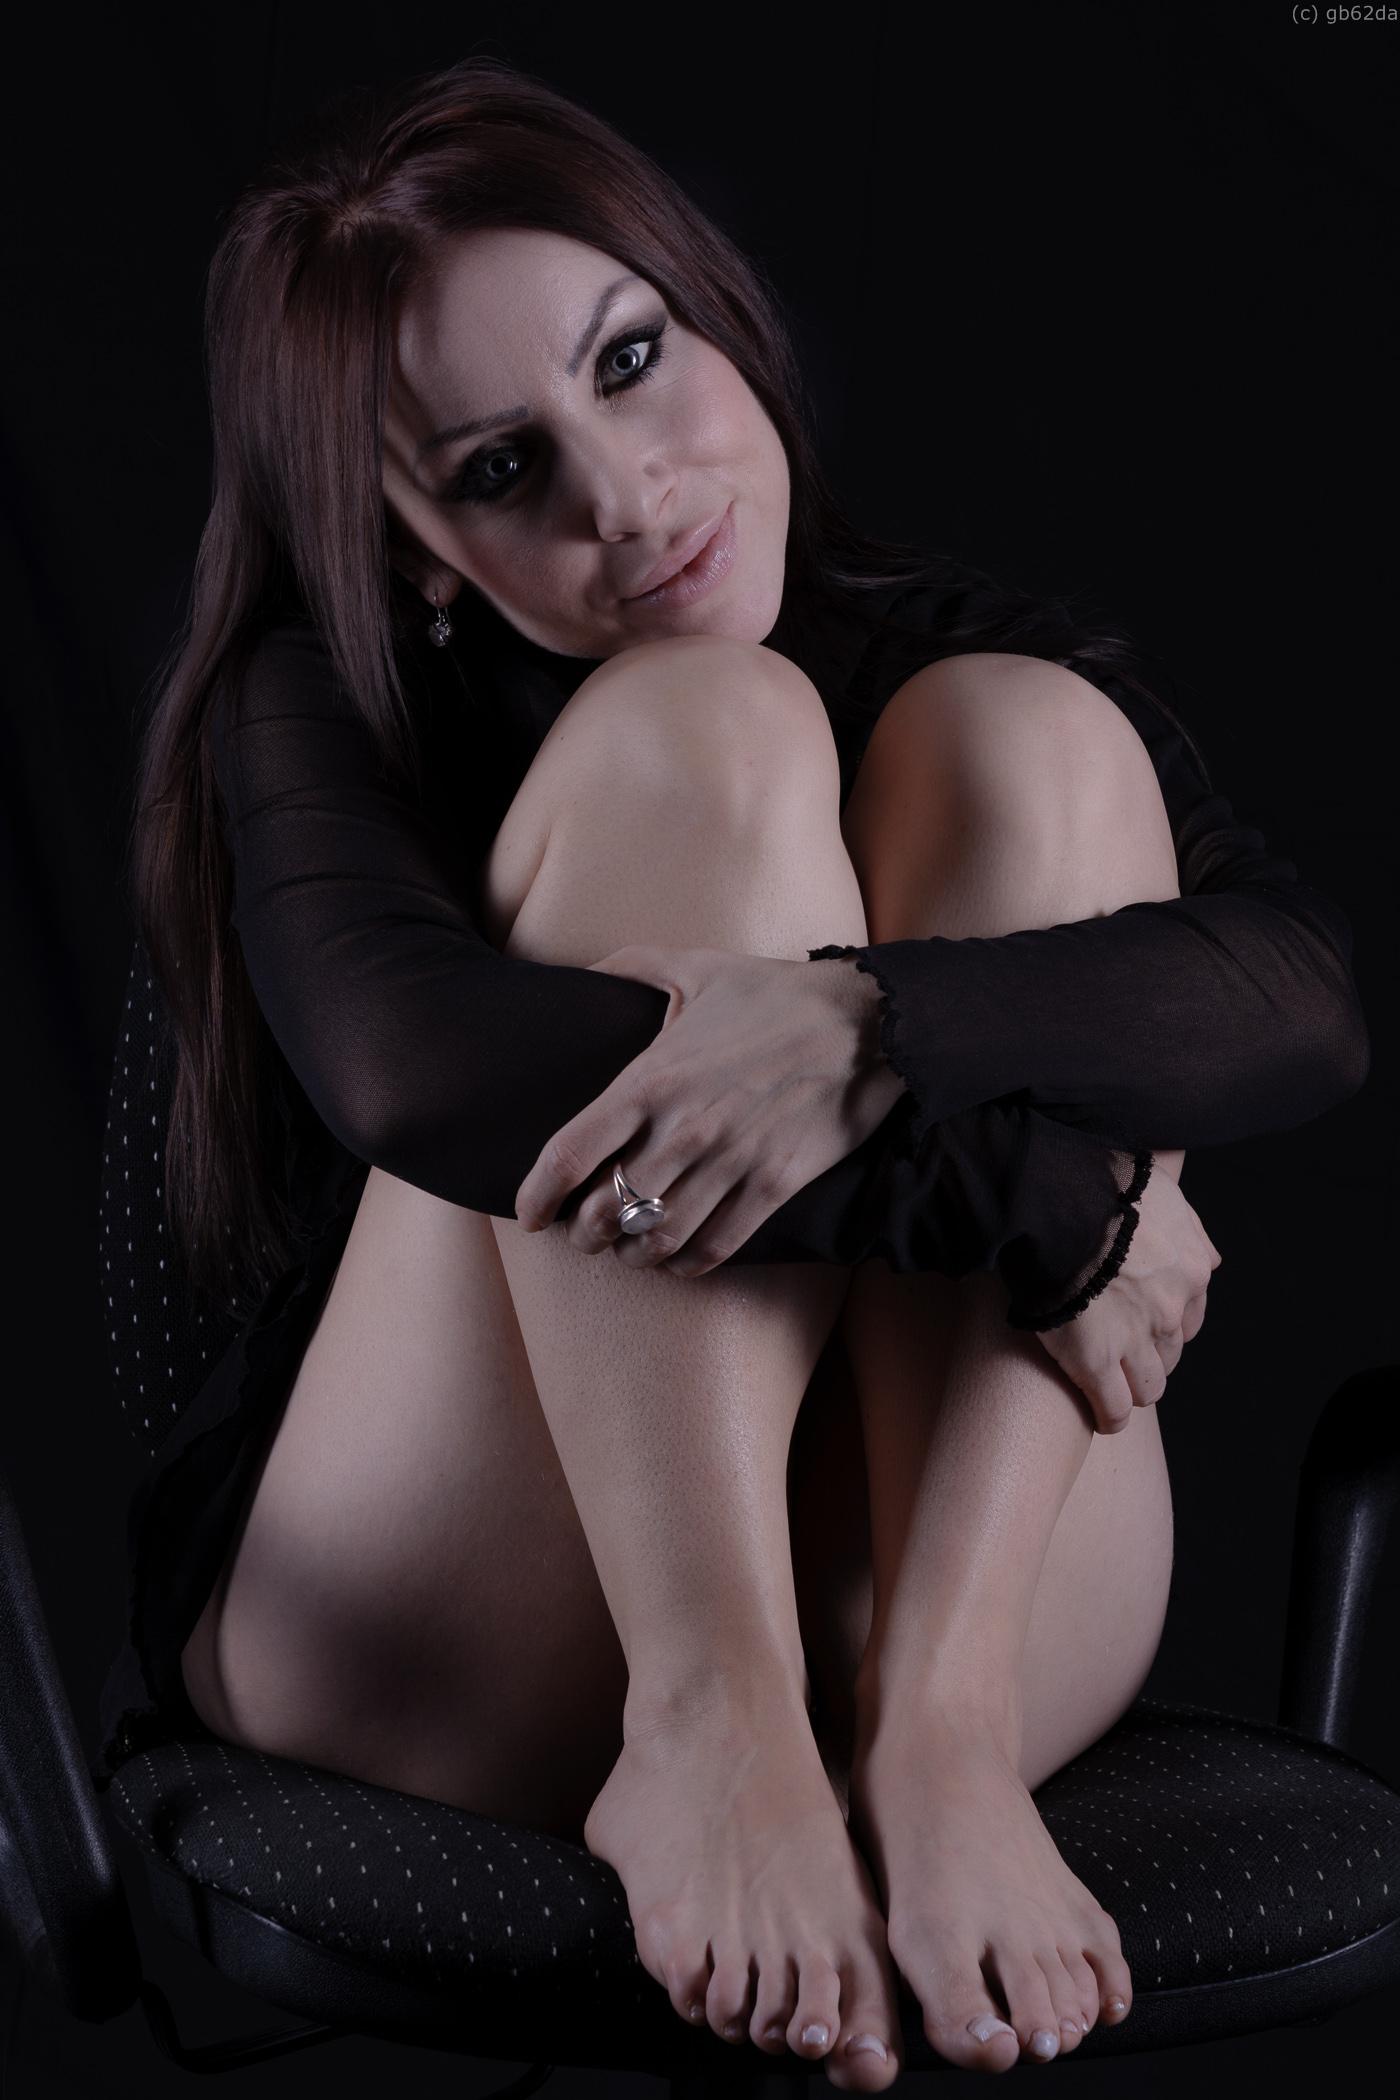 Jenny 4 by gb62da